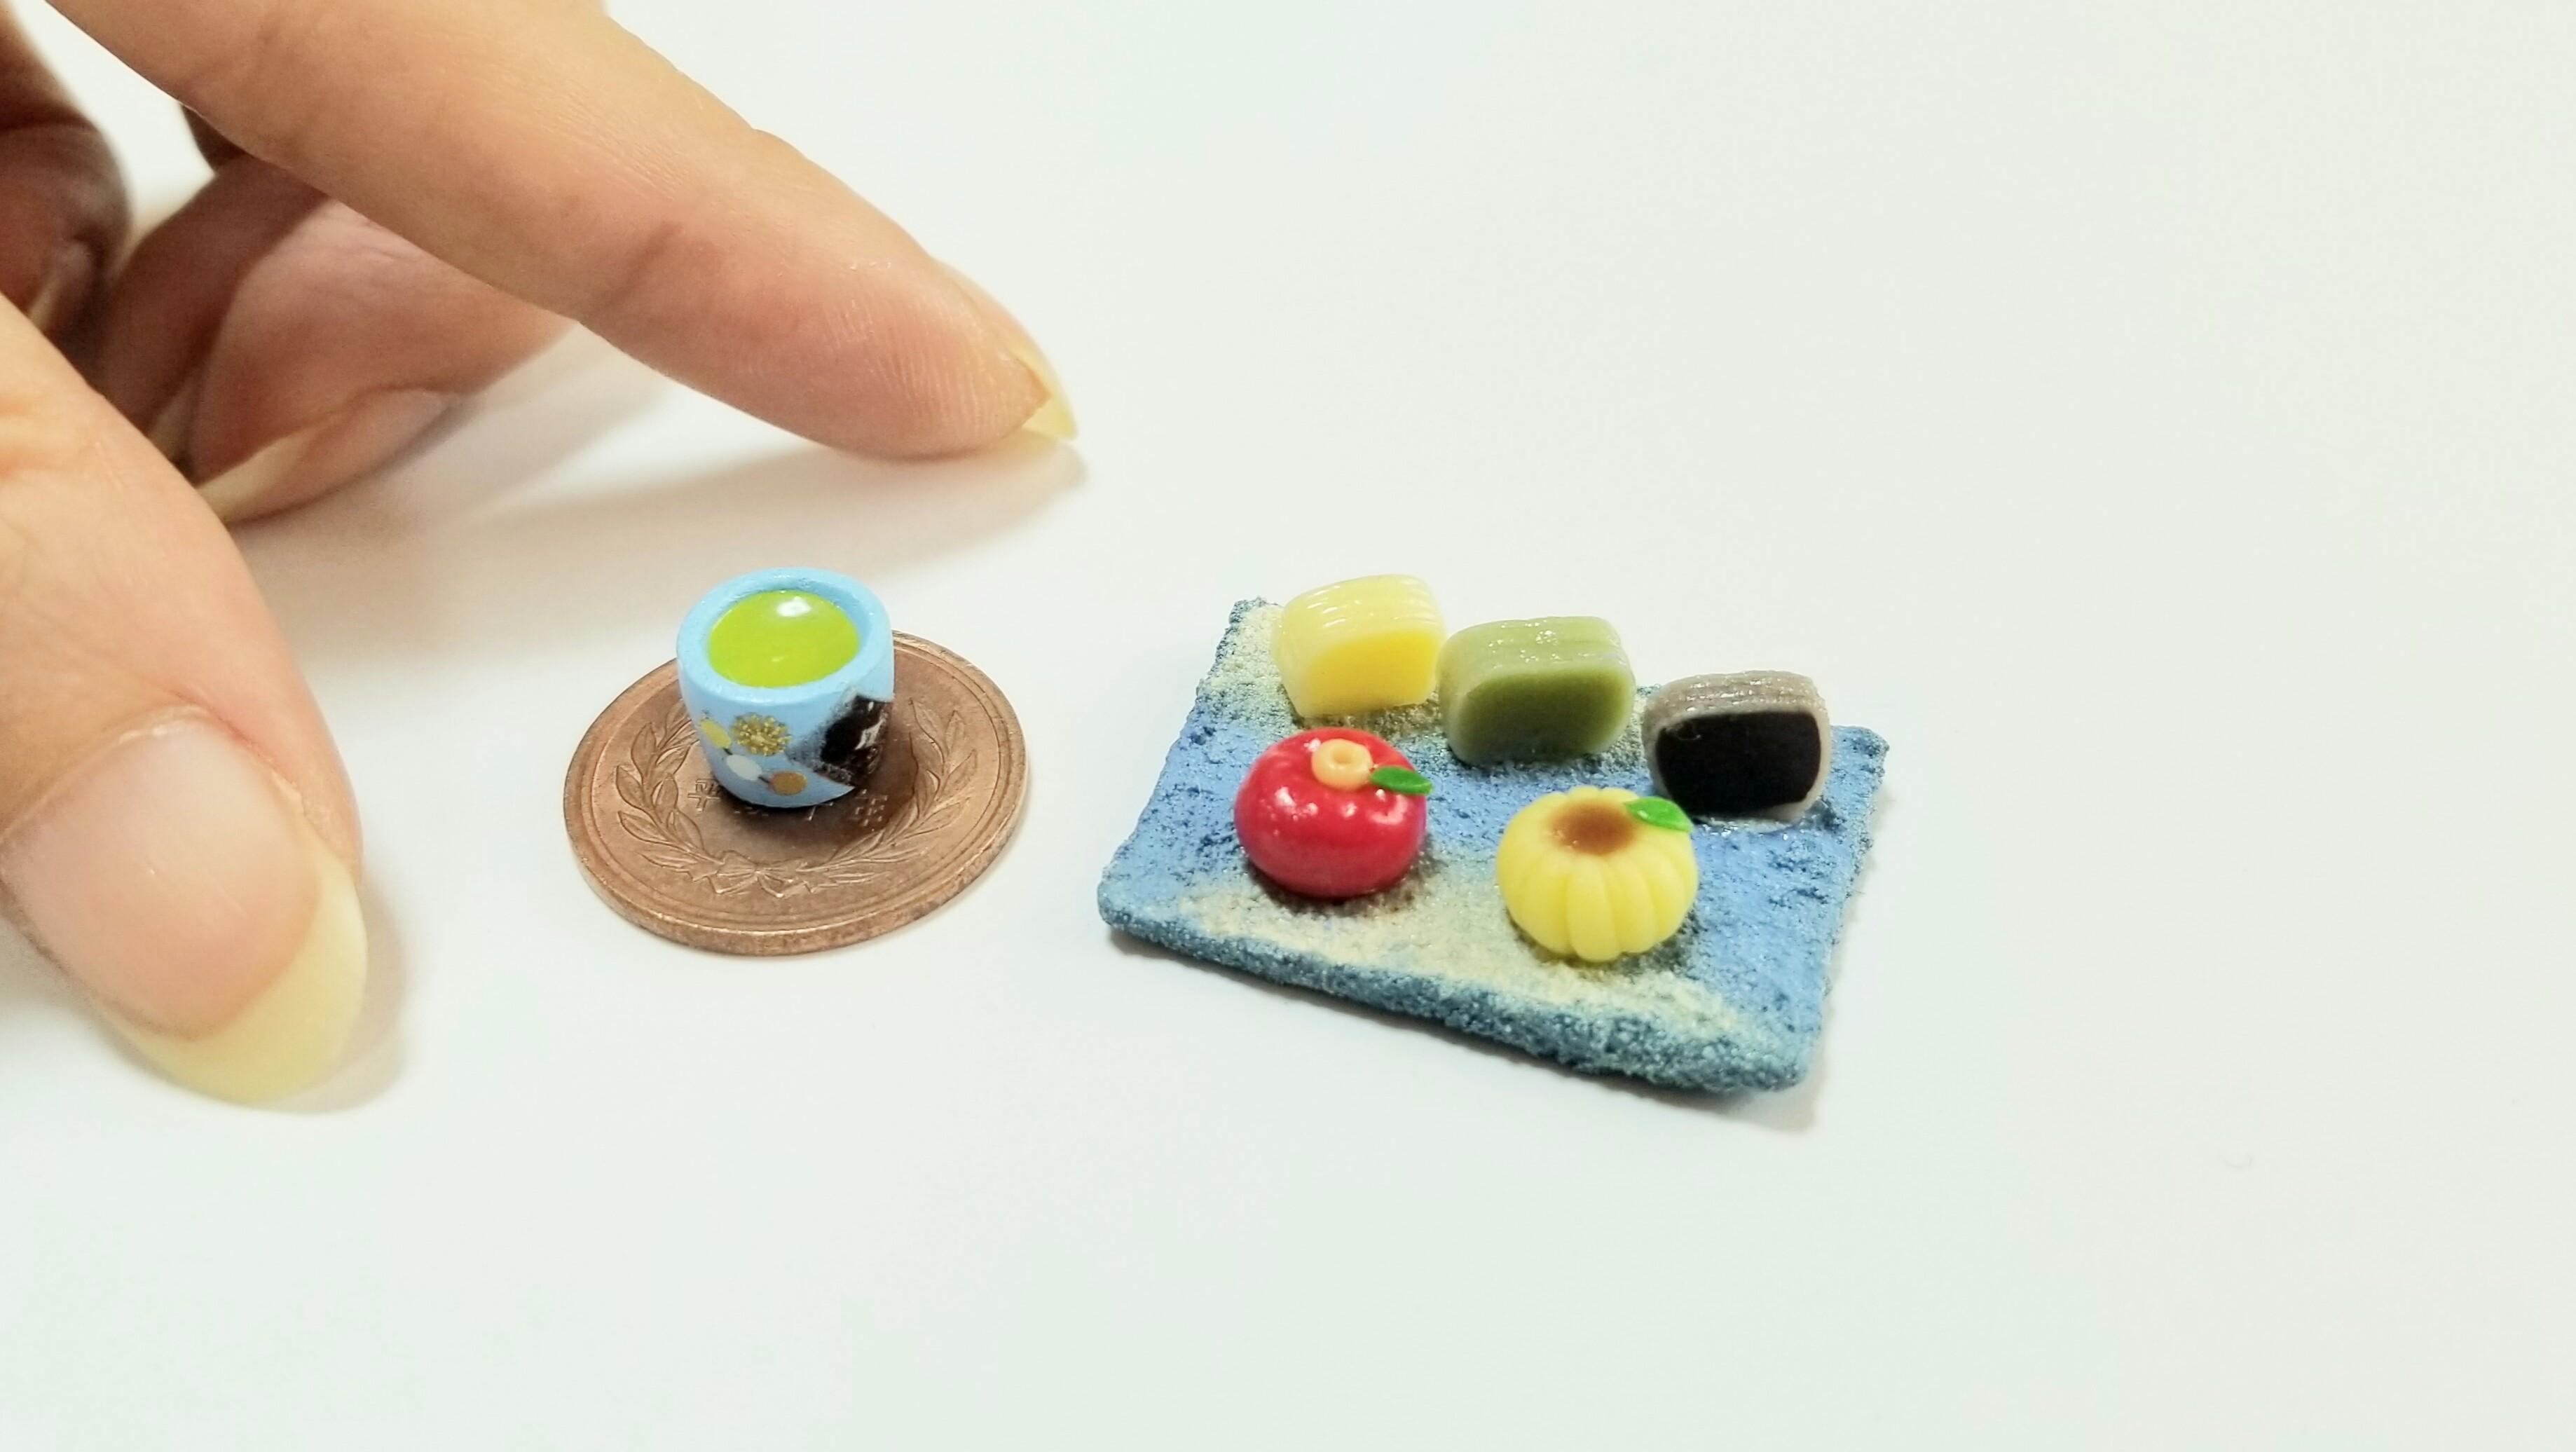 小さなかわいいハンドメイド小物樹脂粘土作家インスタグラム人気有名